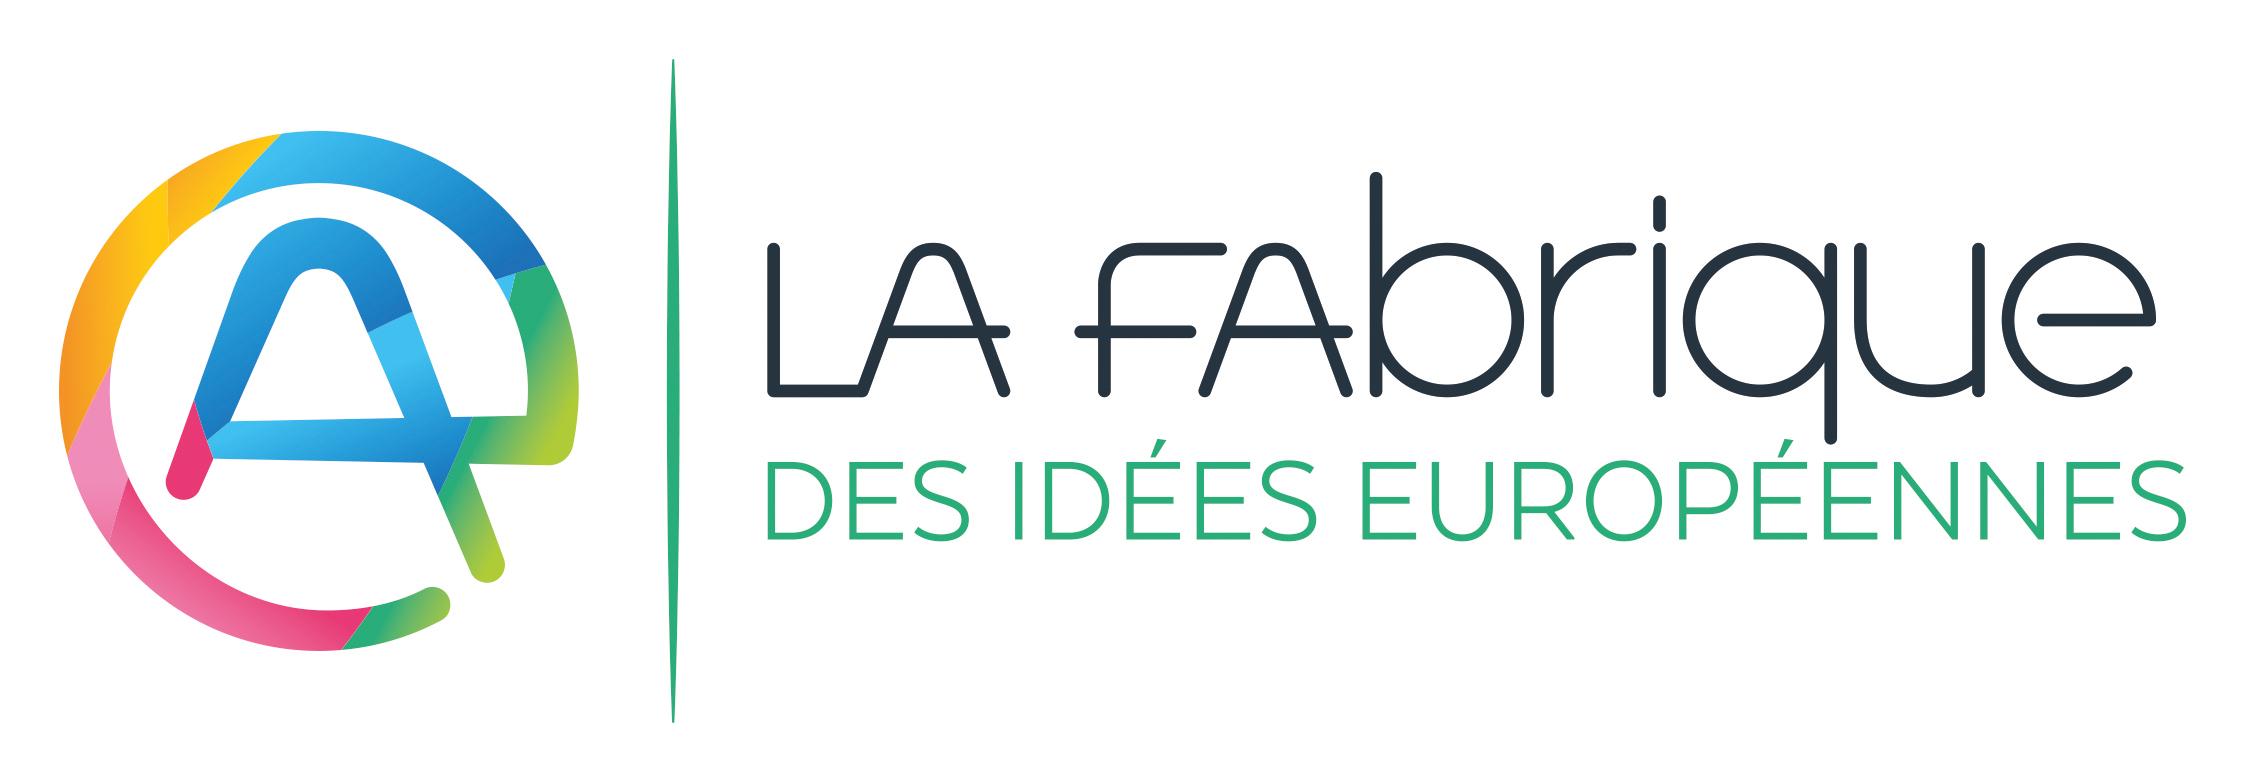 alliance europa la fabrique des idées europeennes logo